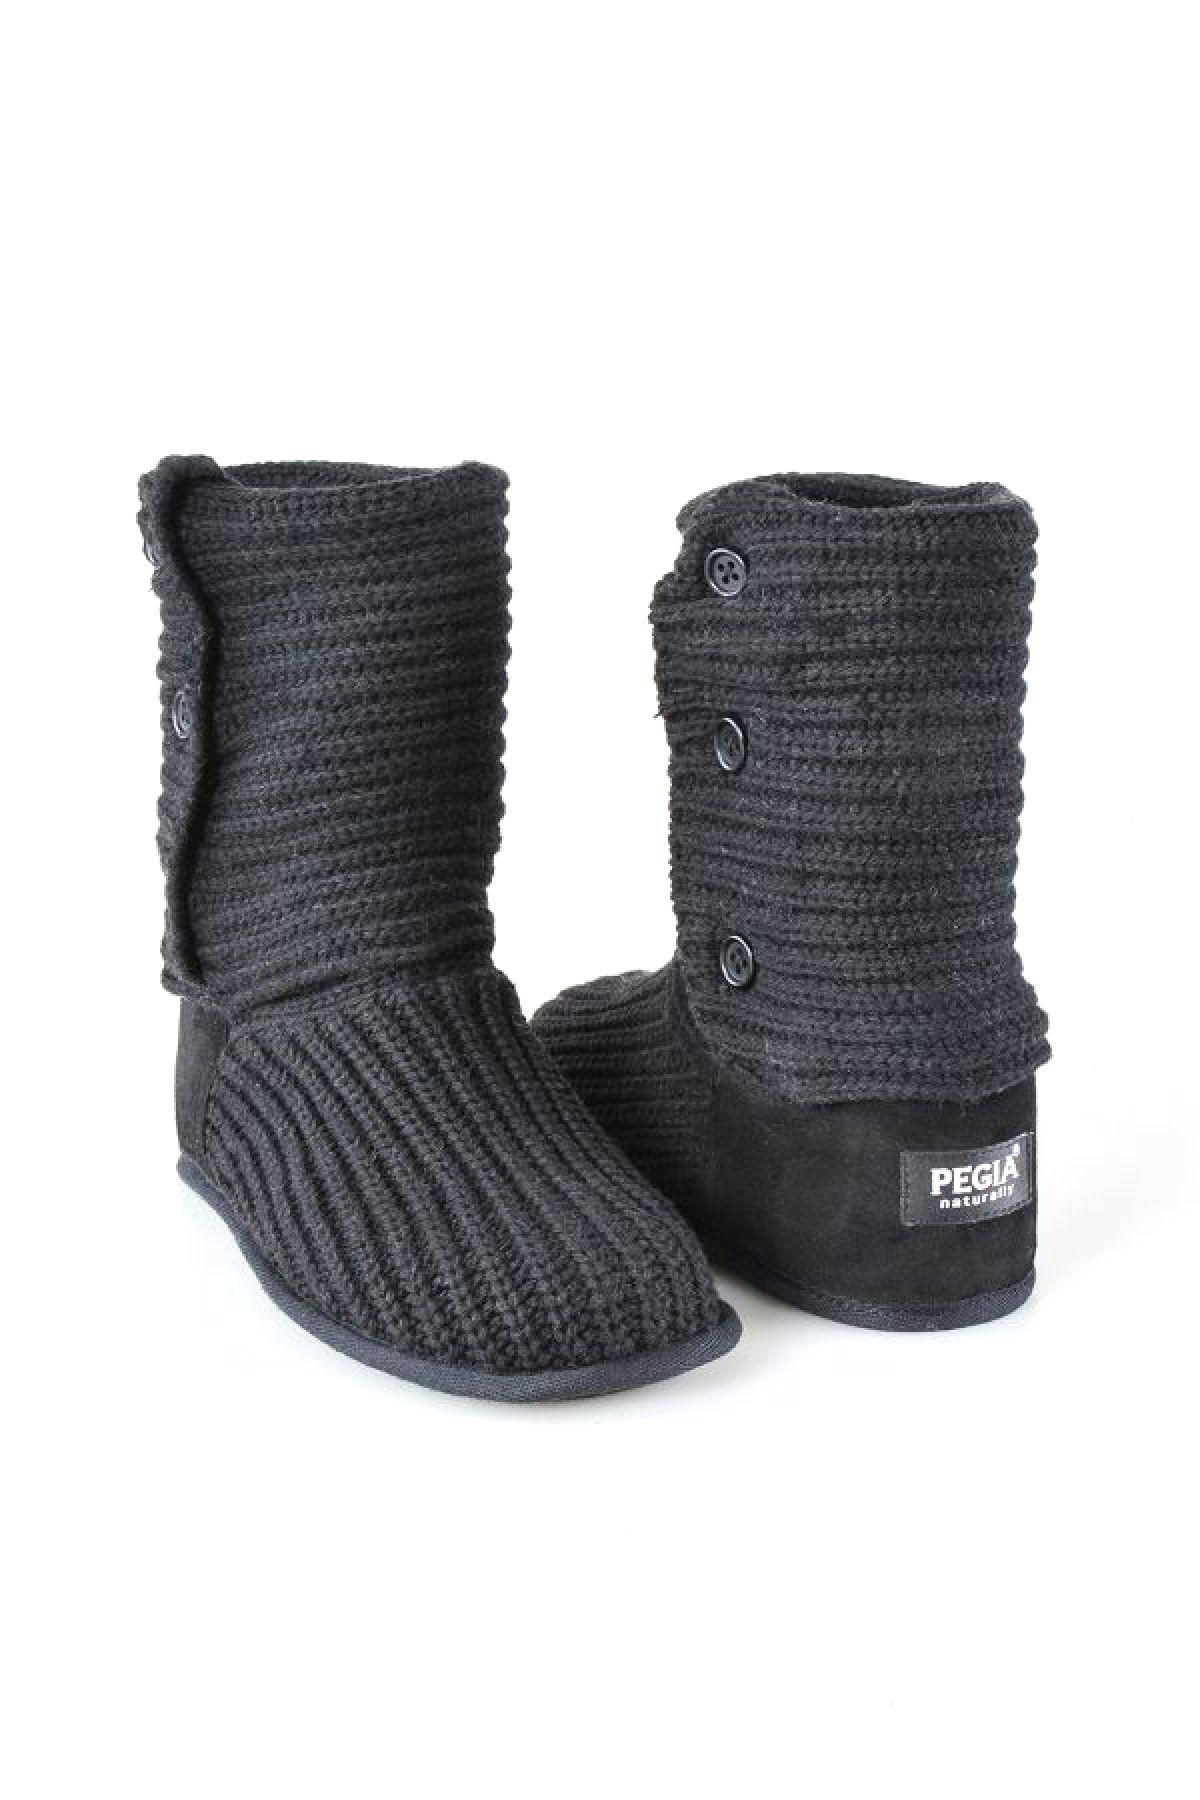 Pegia Hakiki Süet Örgülü Bayan Ev Ayakkabısı 191098 Siyah